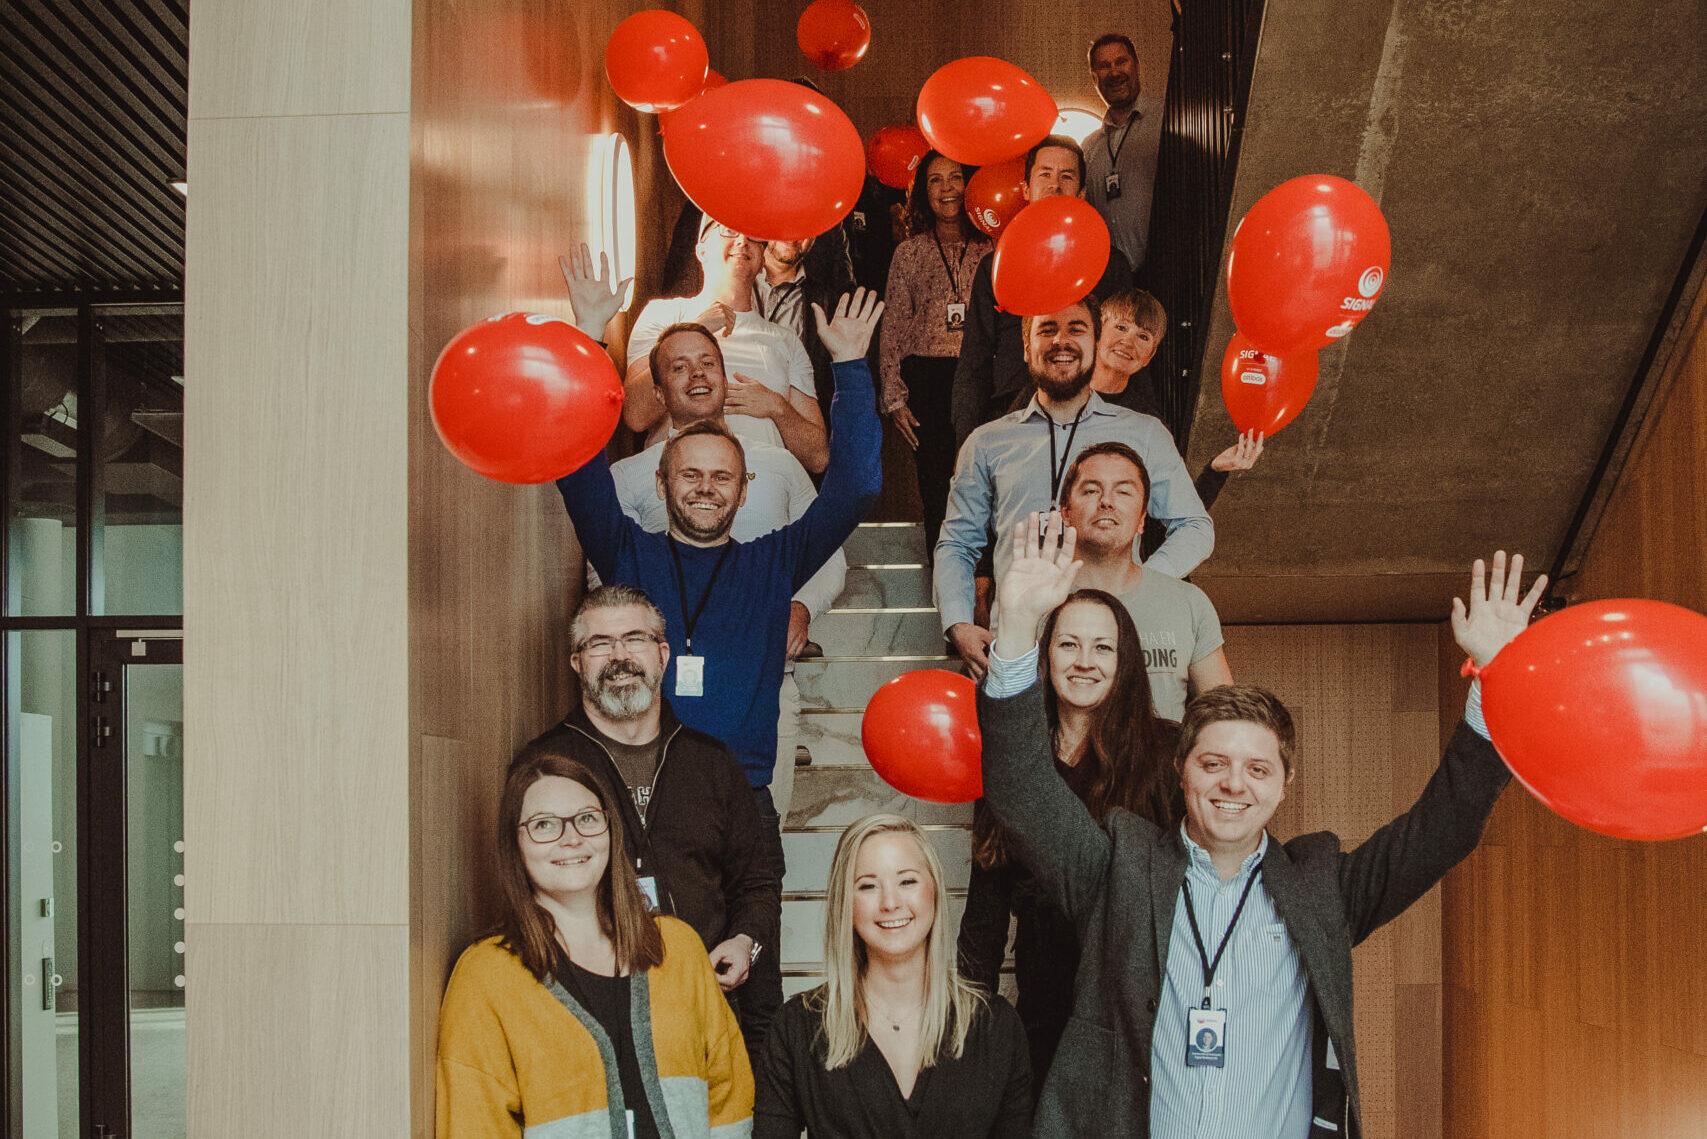 En gjeng fra Signal står oppstilt i en trapp og feirer med røde ballonger